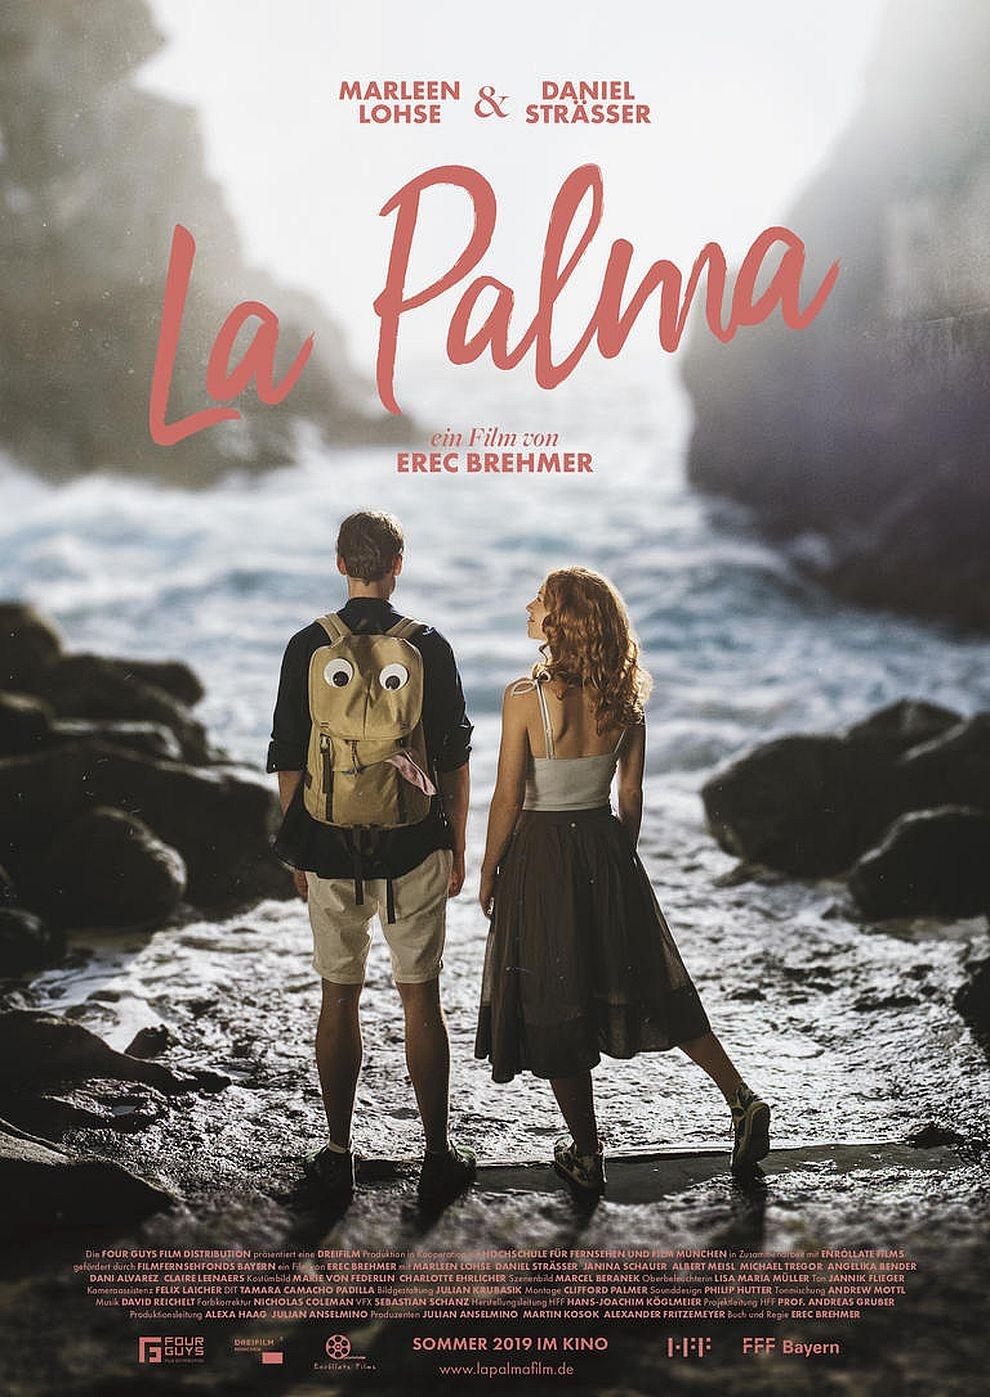 La Palma (Poster)